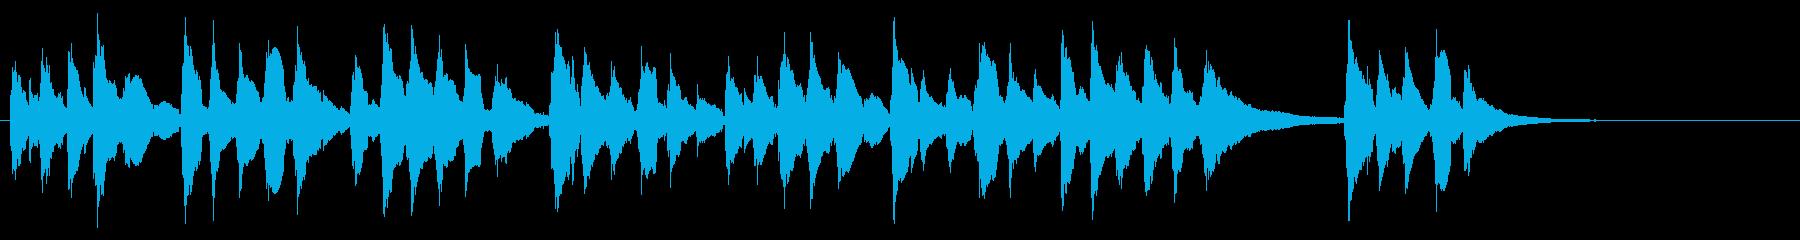 ハッピーバースデーをギターでシンプルにの再生済みの波形